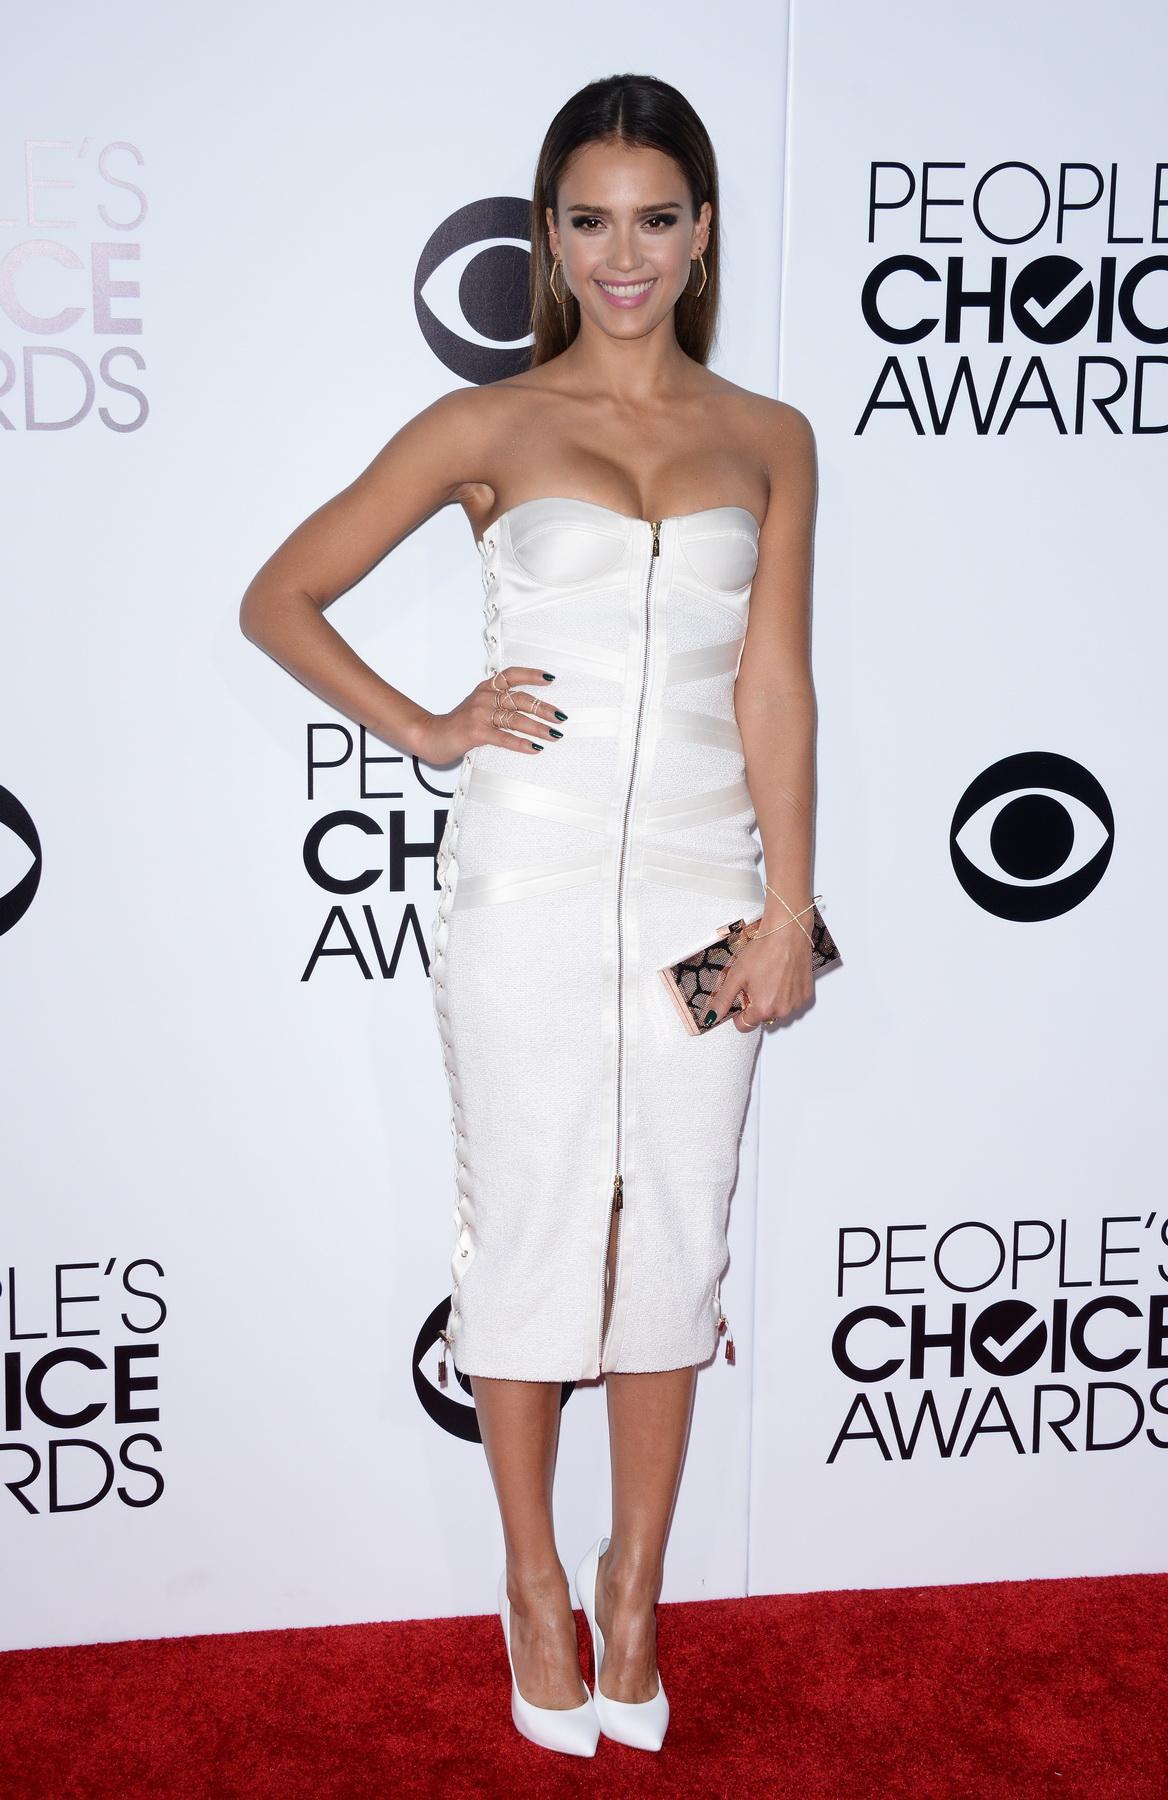 In alb pe covorul rosu de la People's Choice Awards 2014